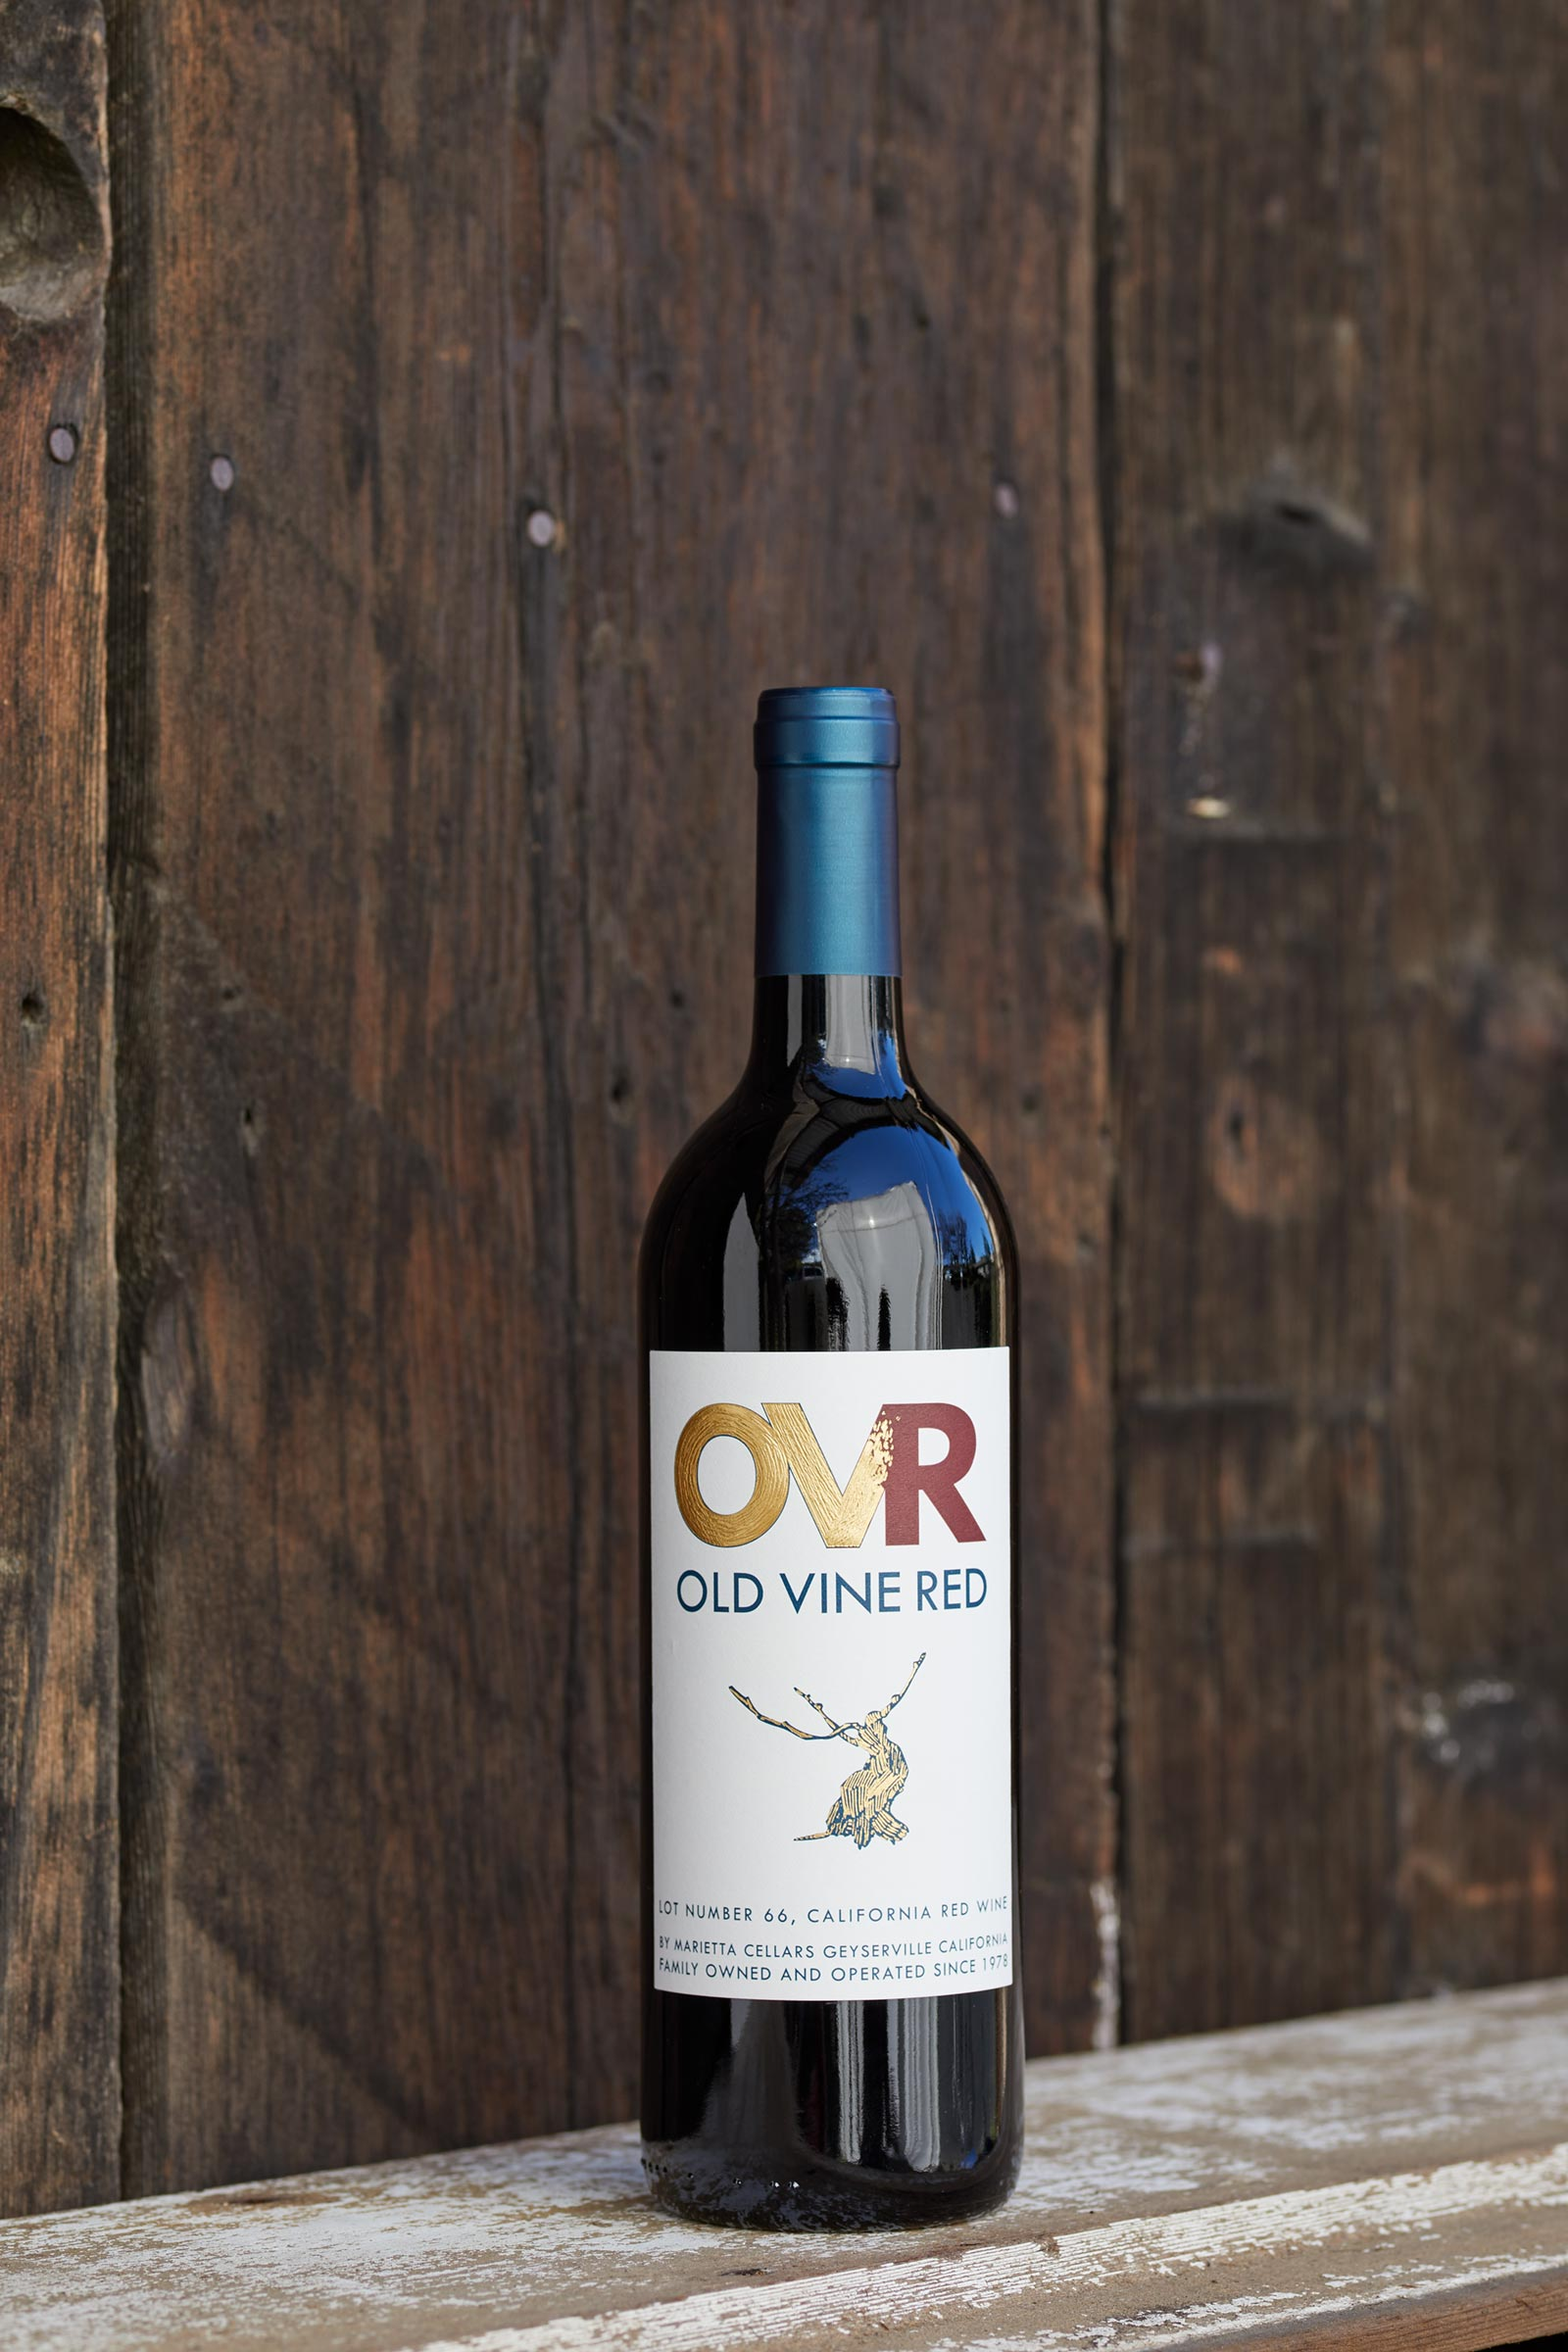 Old Vine Red Marietta Cellars